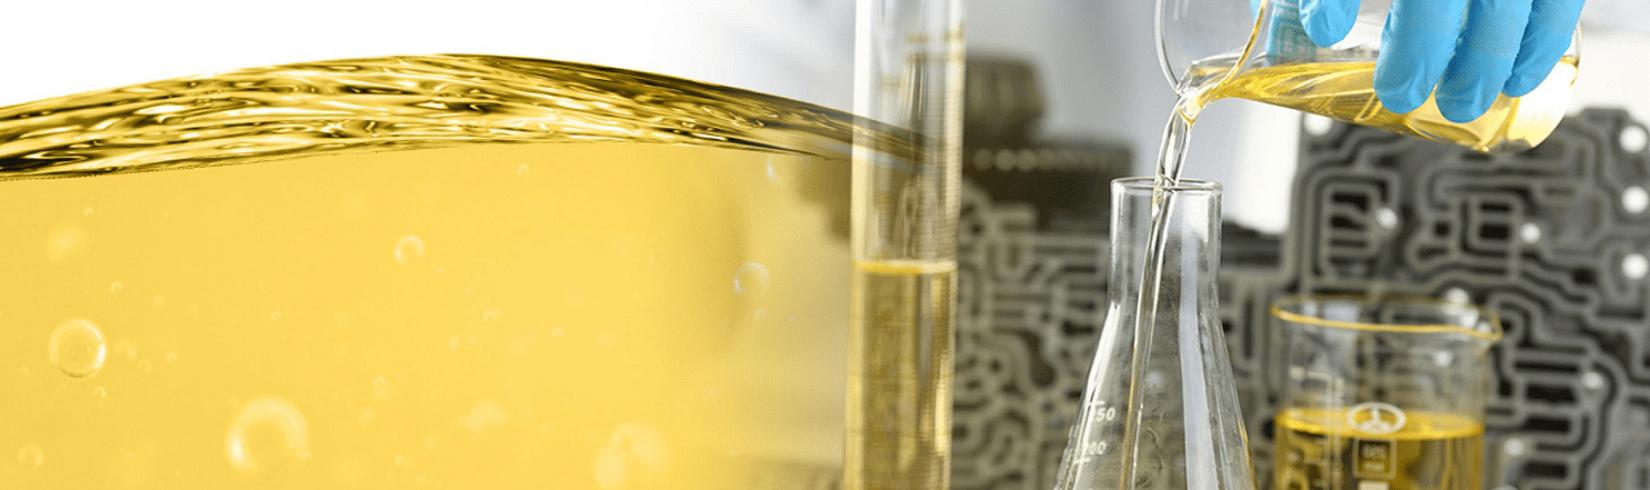 آزمایشات نفت و فرآوردههای هیدروکربنی